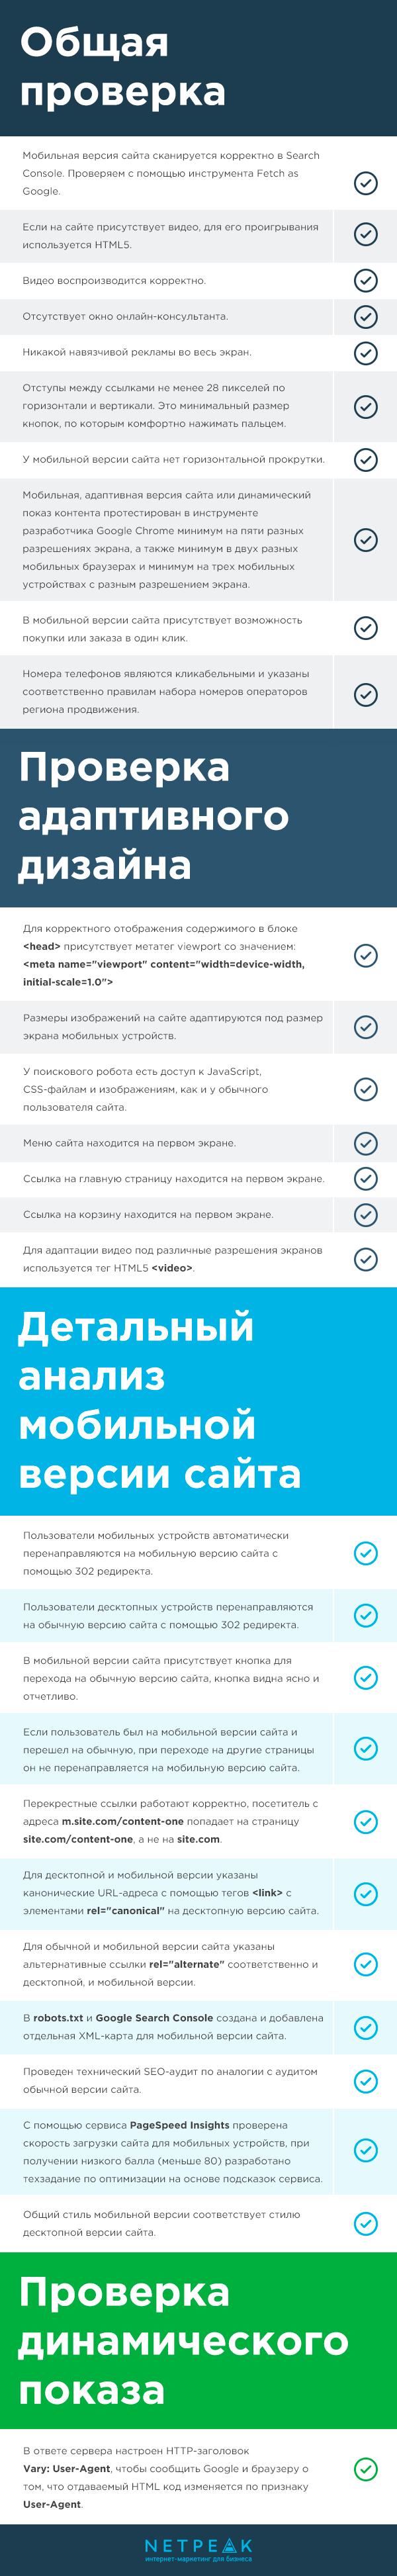 Оптимизация мобильной версии сайта — чек-лист